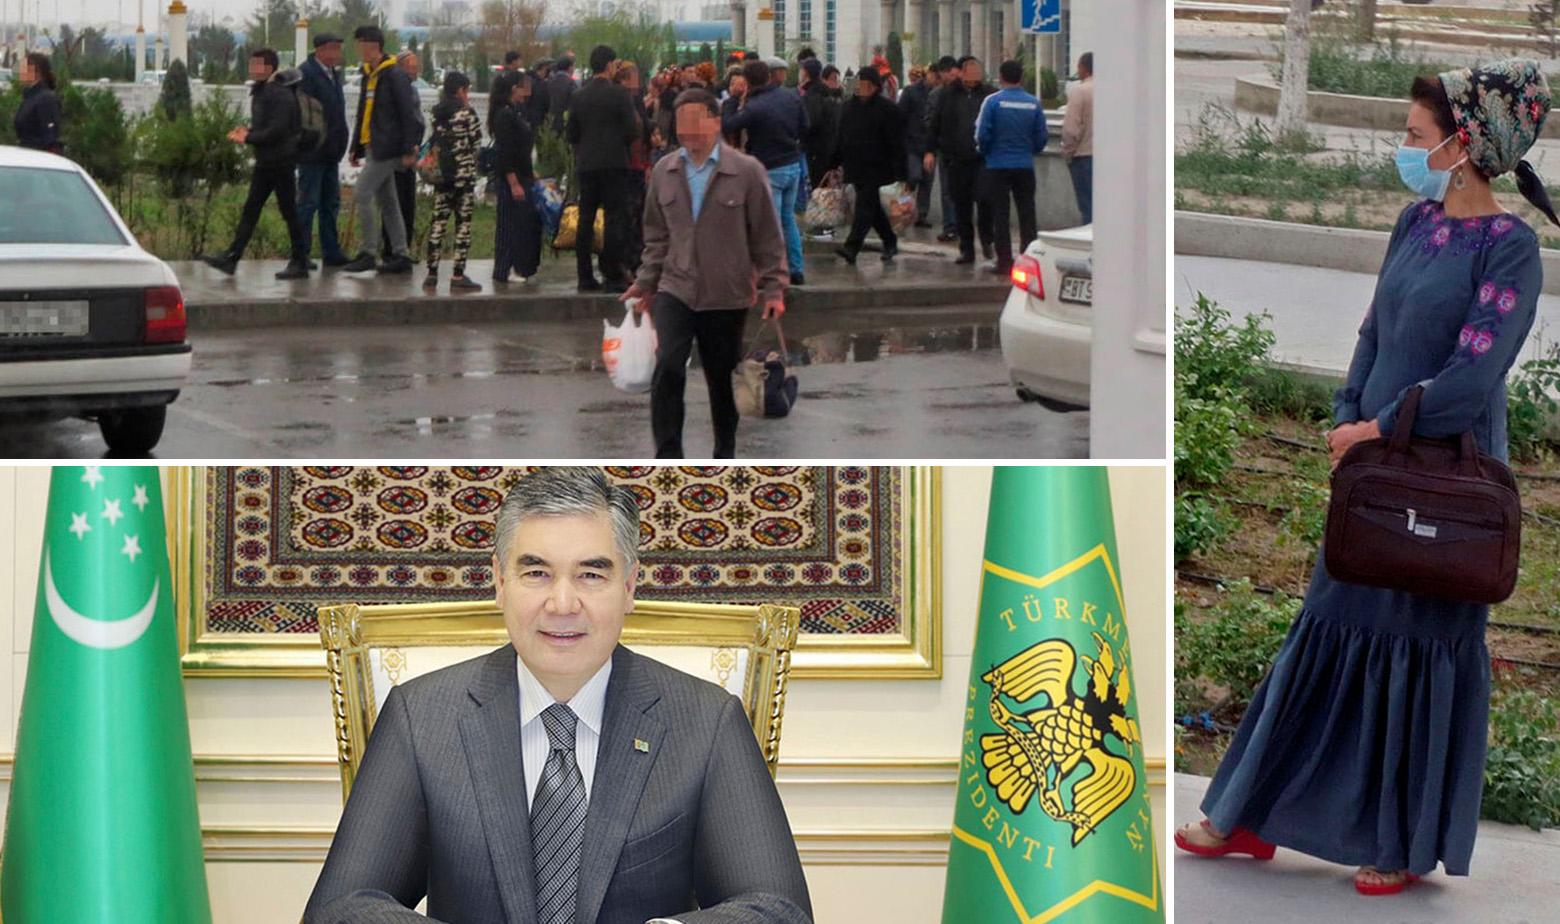 Prizori iz Turkemnistana i predsjednik države Gurbangulij Berdimuhamedov (dolje)